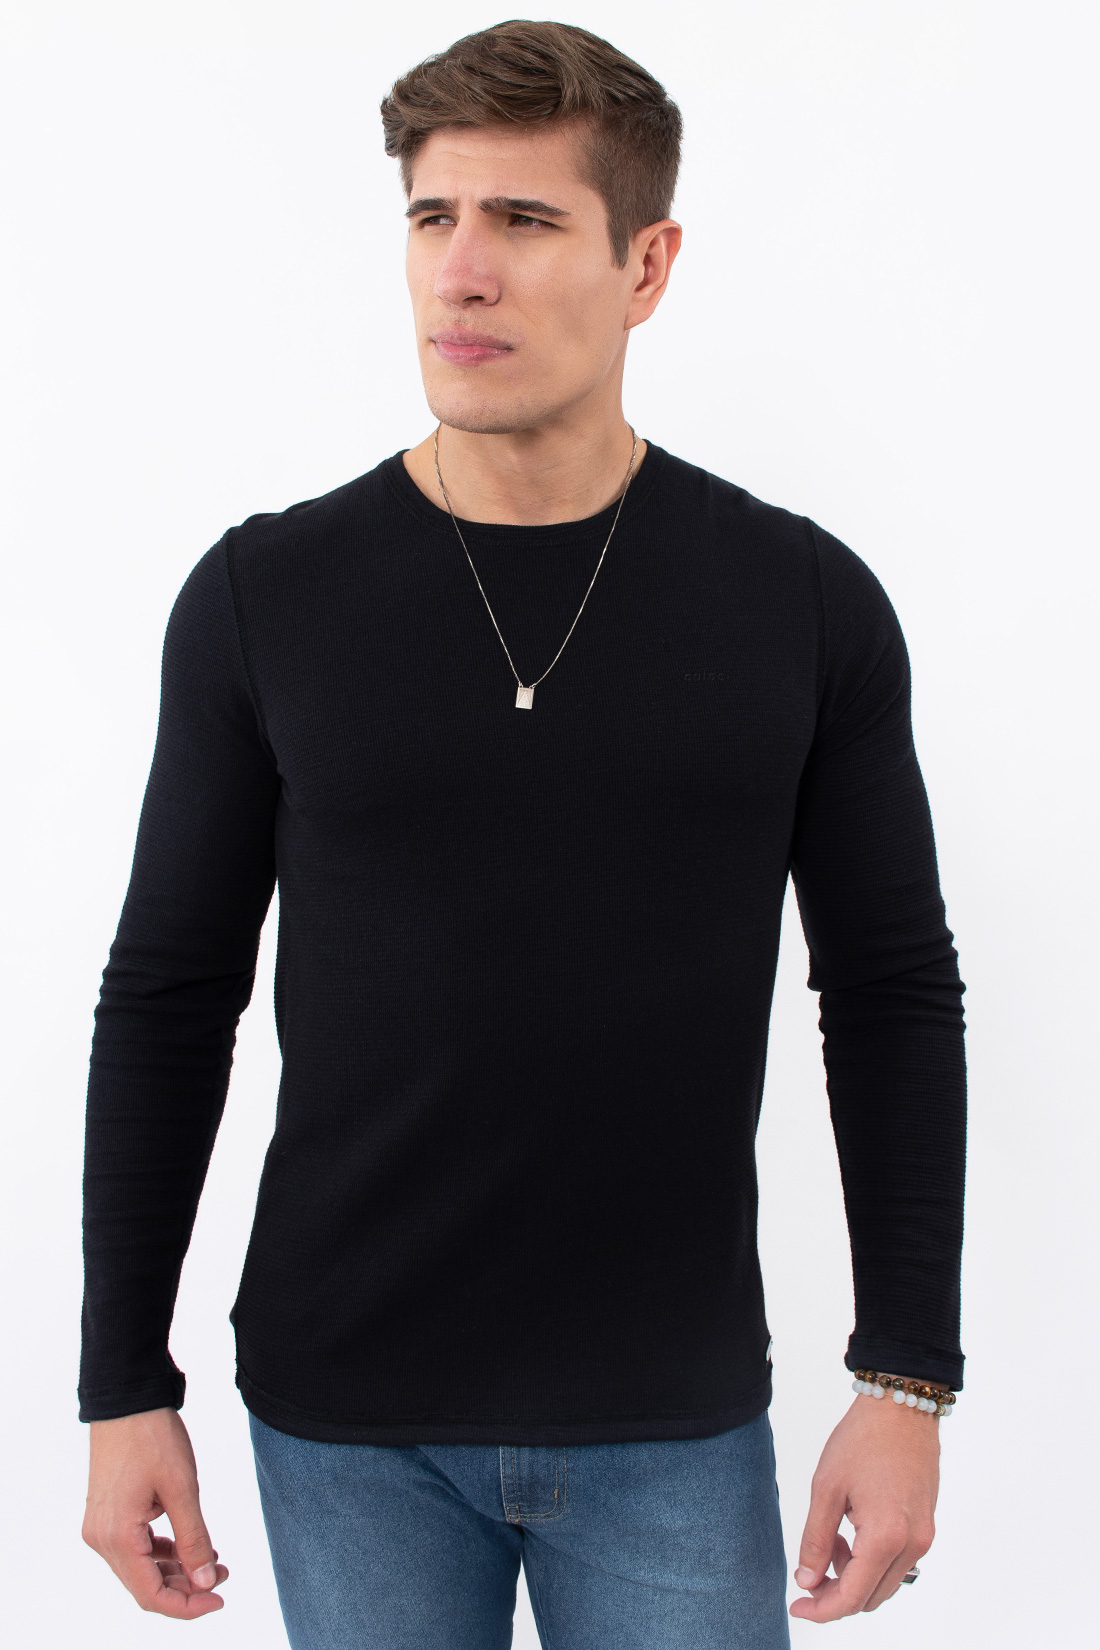 Camiseta Ml Colcci Basica Canelada